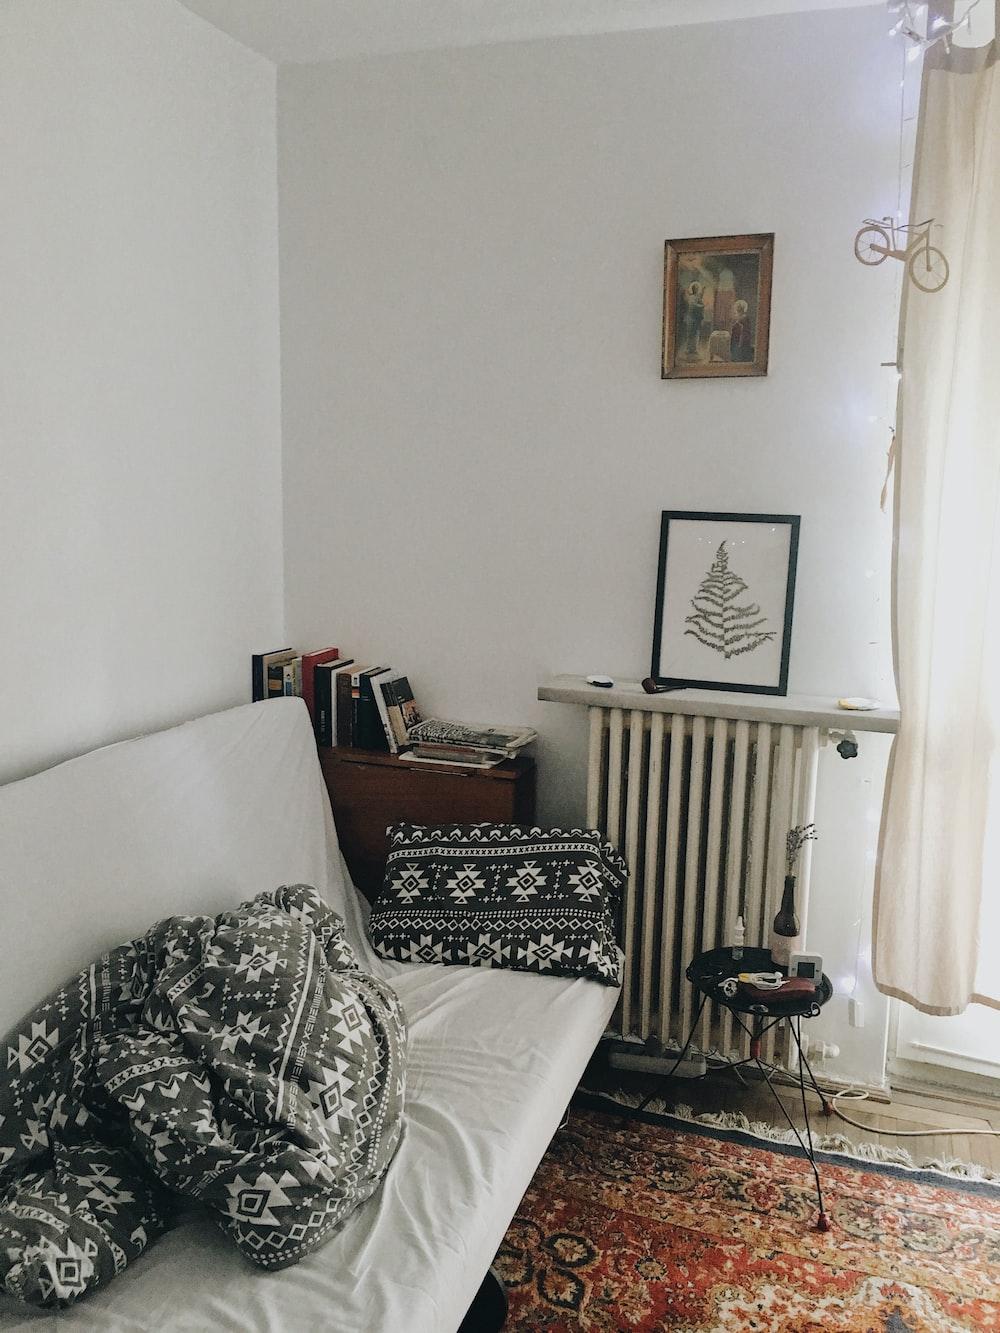 white sofa with throw pillows on wall